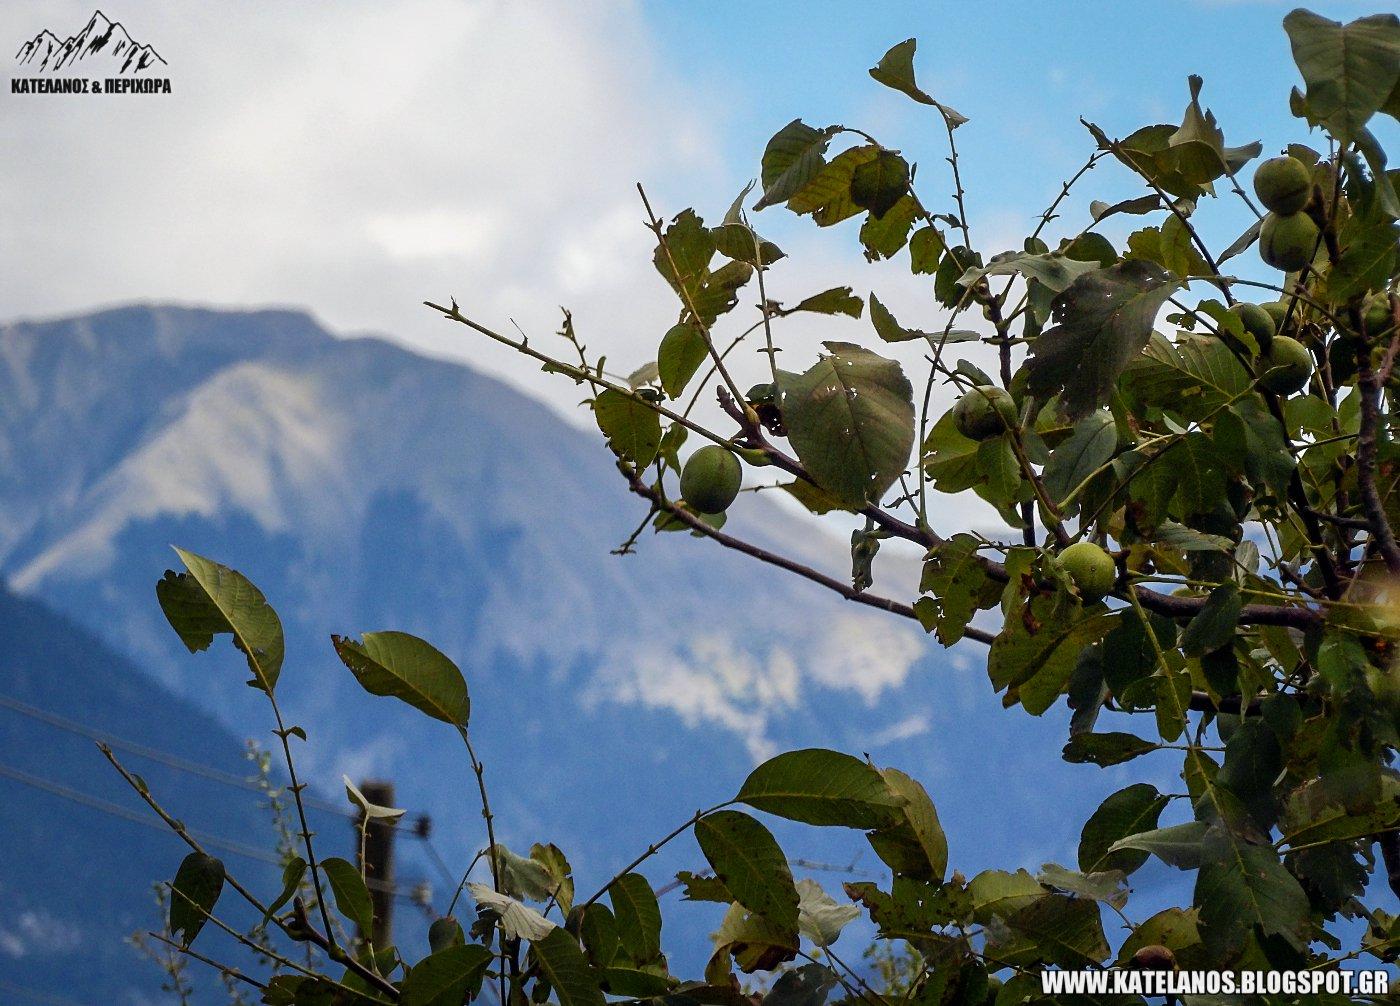 ορεινά καρύδια σοδειά 2018 βουνό σκαλτίνα κατελάνος